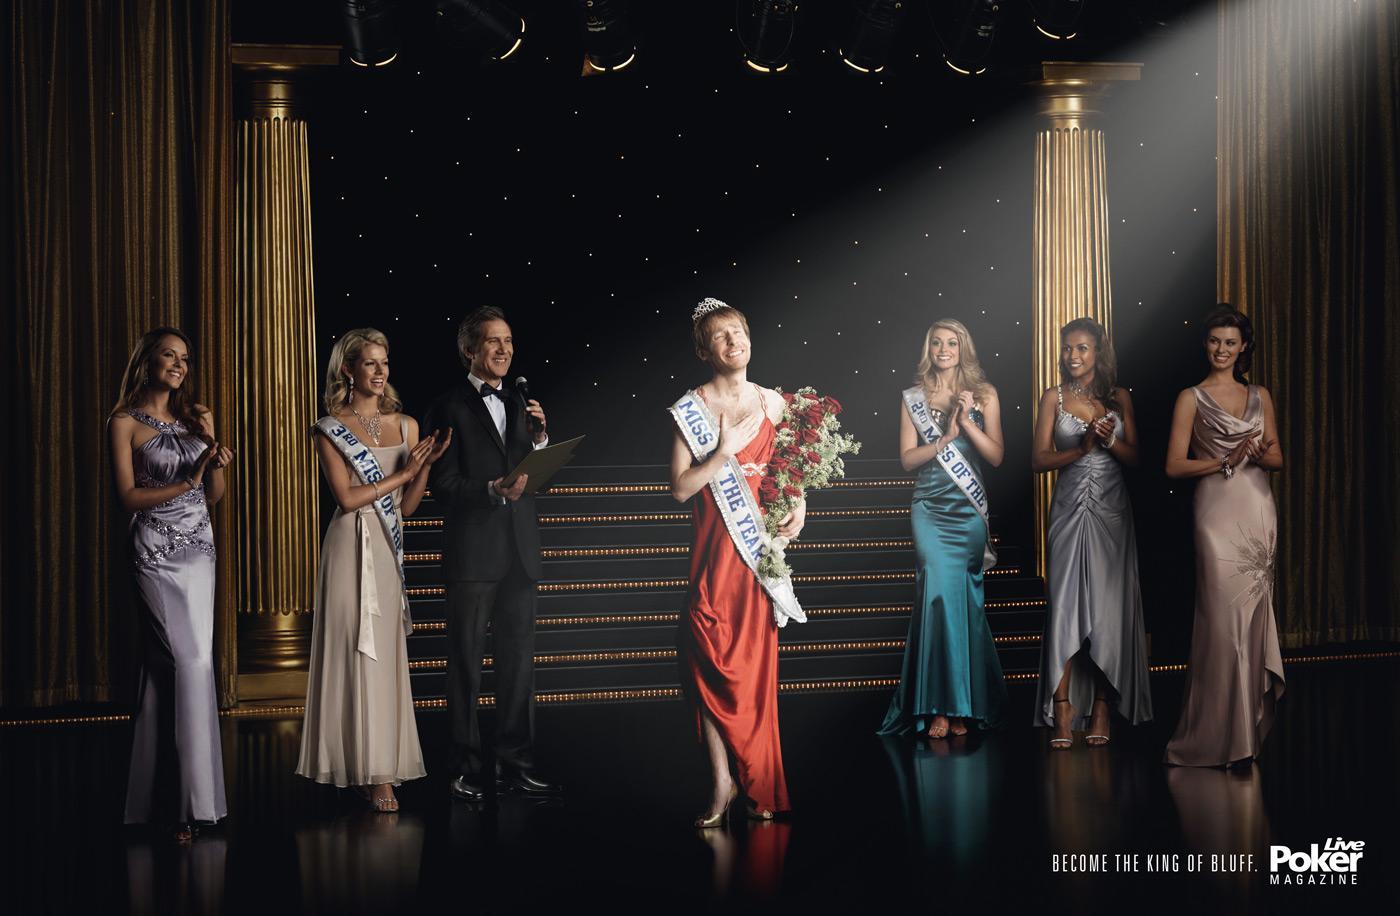 Les publicités les plus belles et les créatives sur les Miss France 28